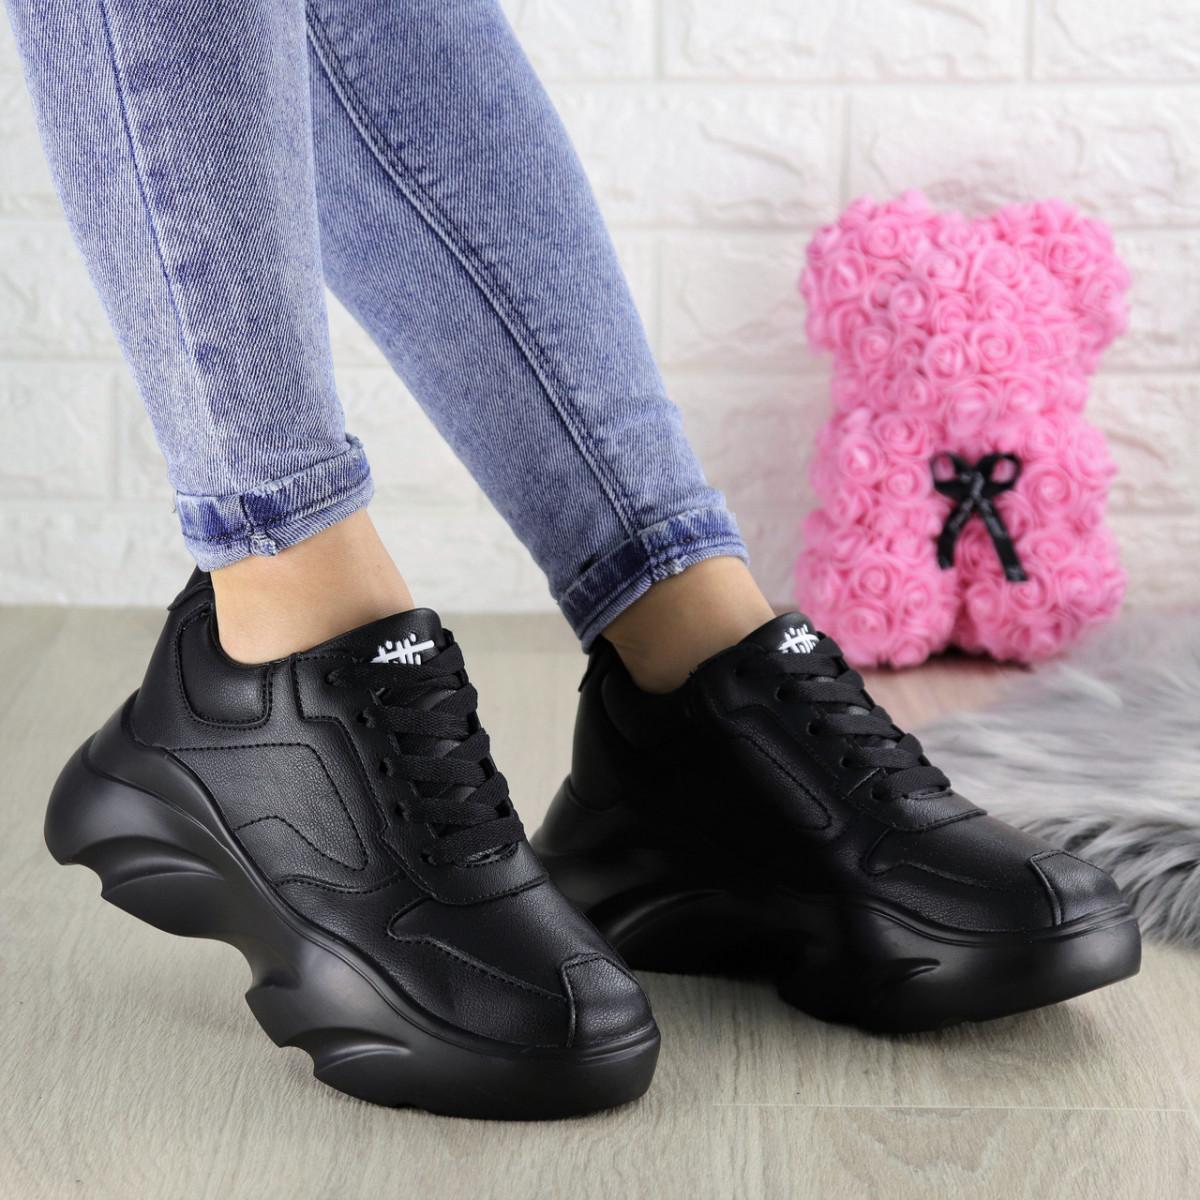 Женские кроссовки Finist черные 1307 (37 размер)